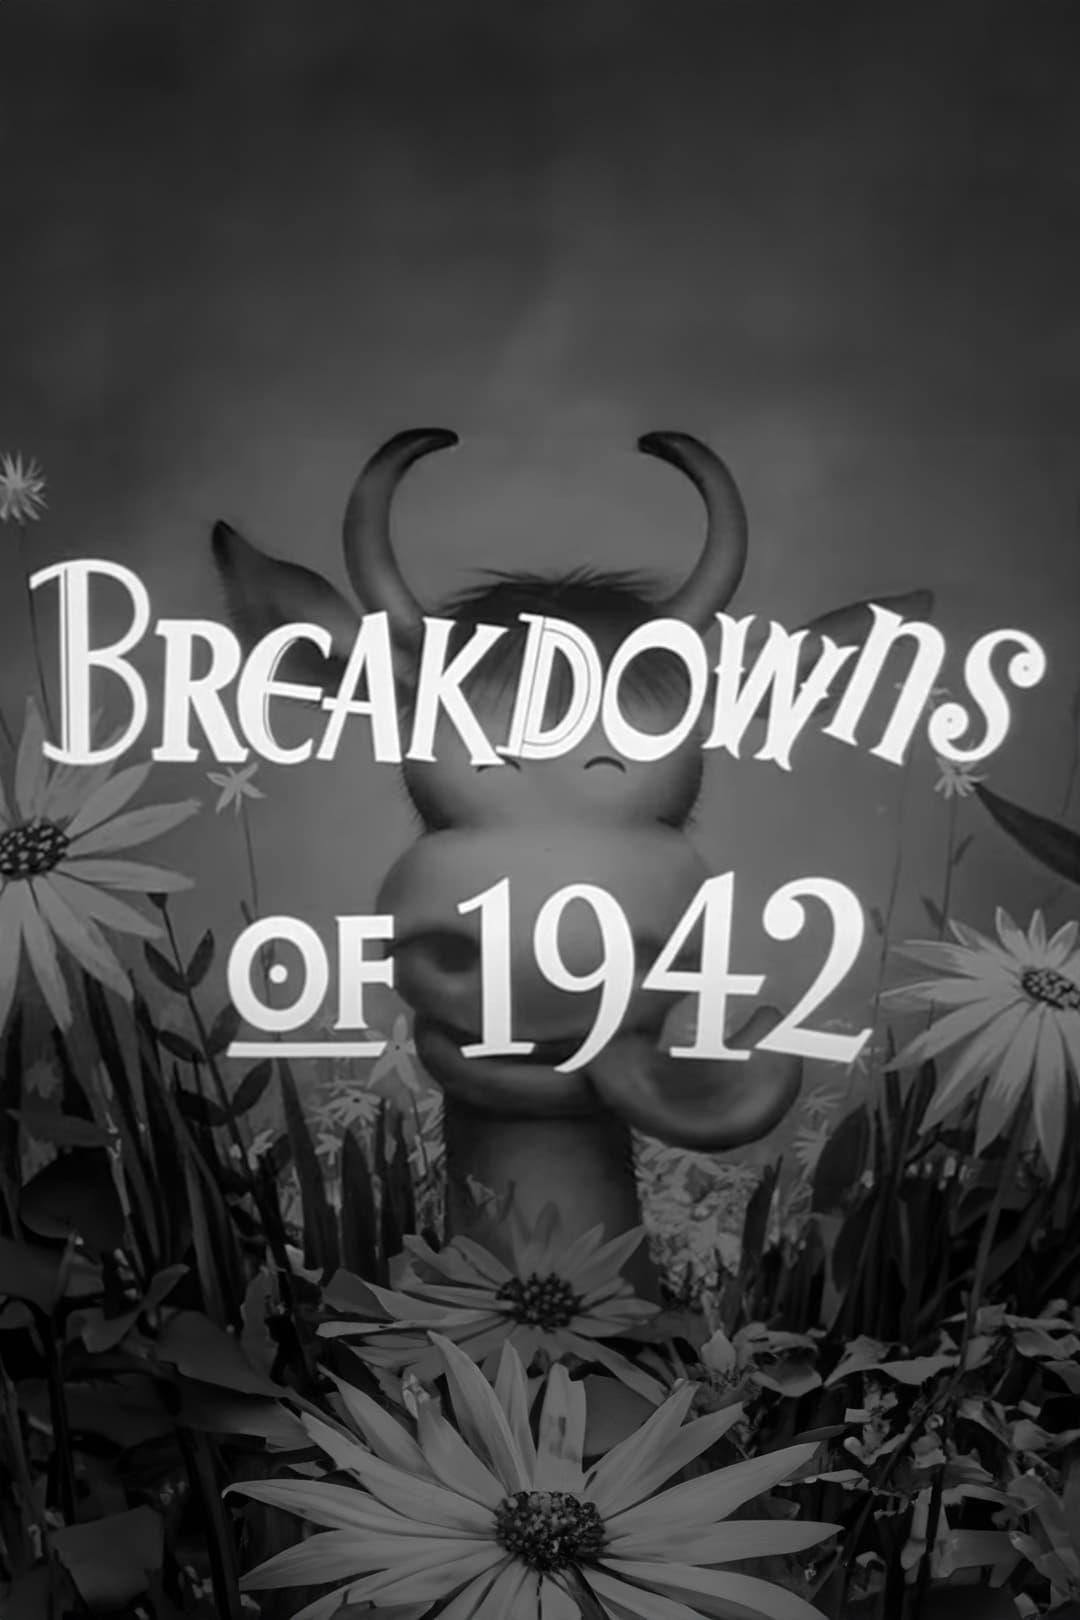 Breakdowns of 1942